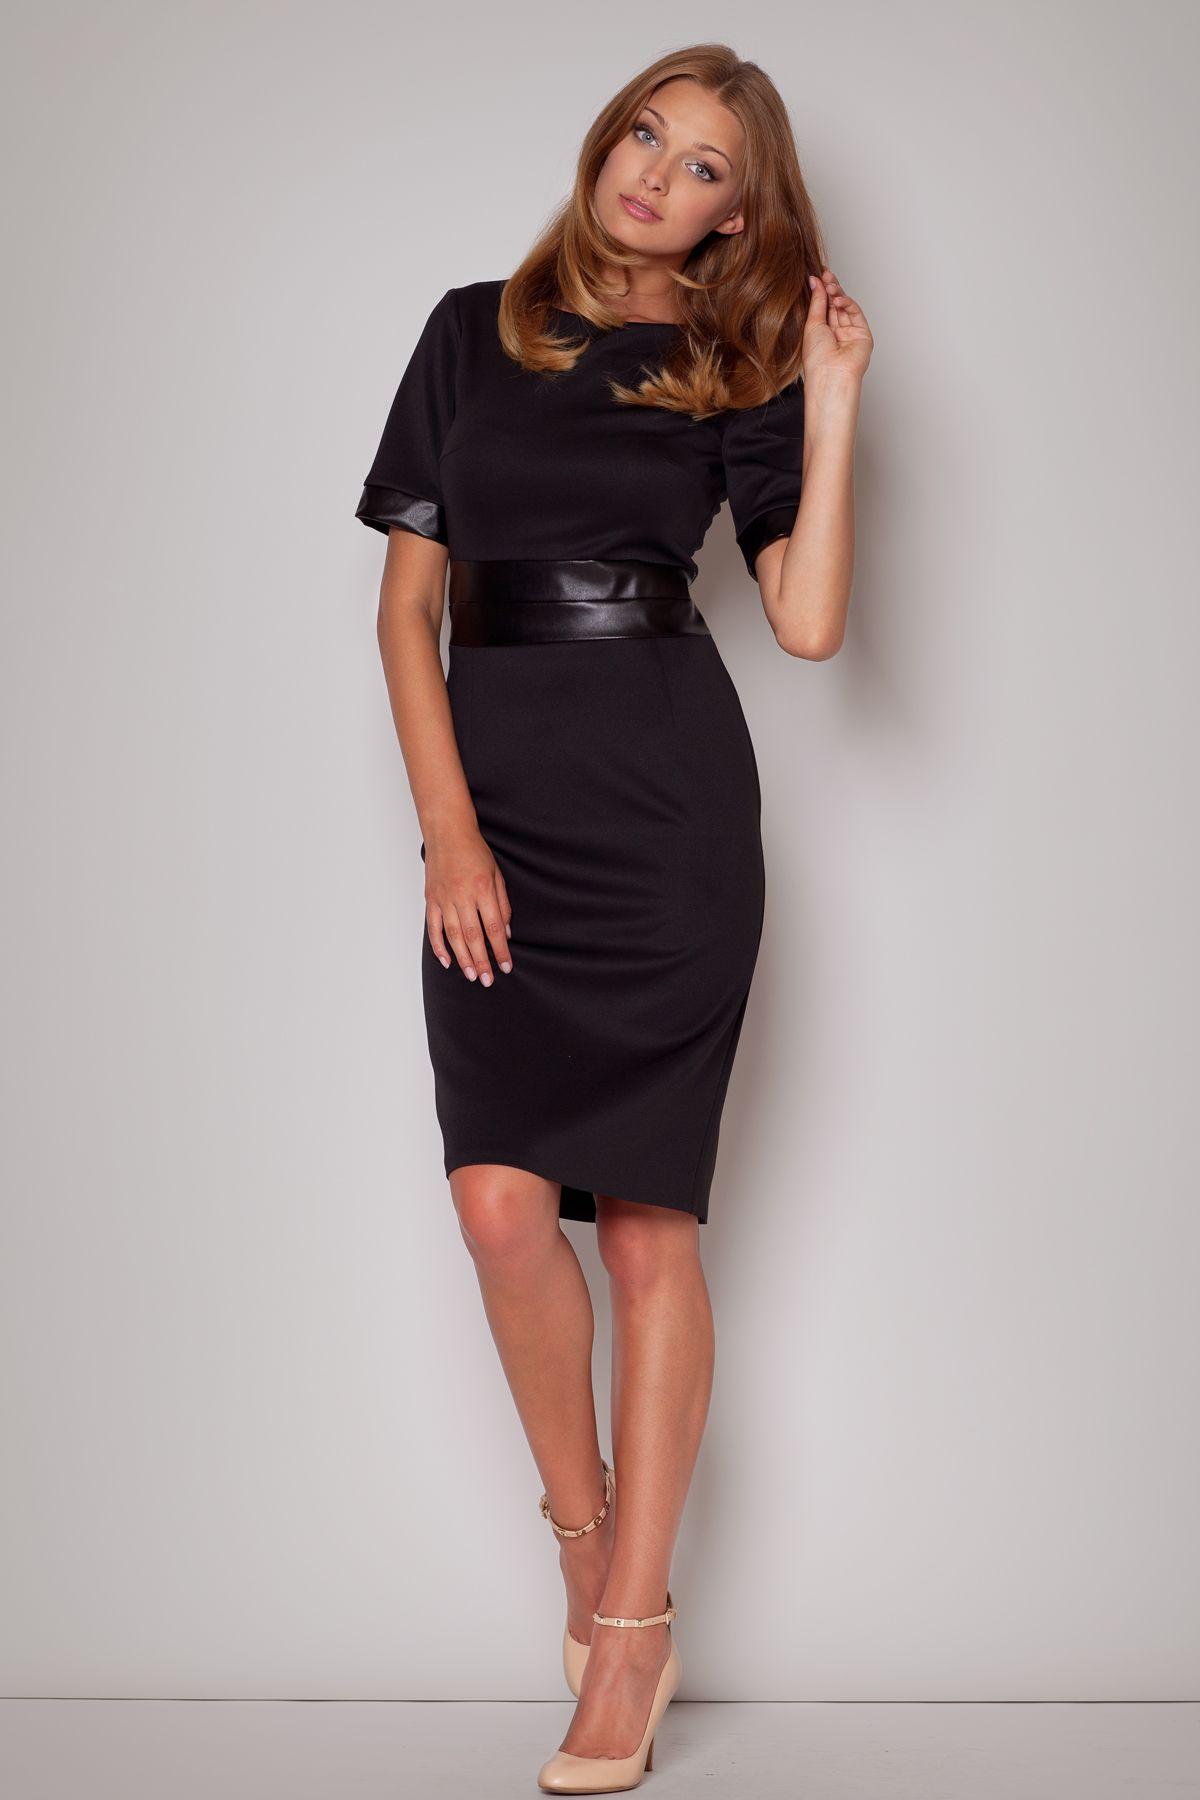 Figl - Dámske čierne puzdrové šaty s koženkovým pásom  425444cb5b9